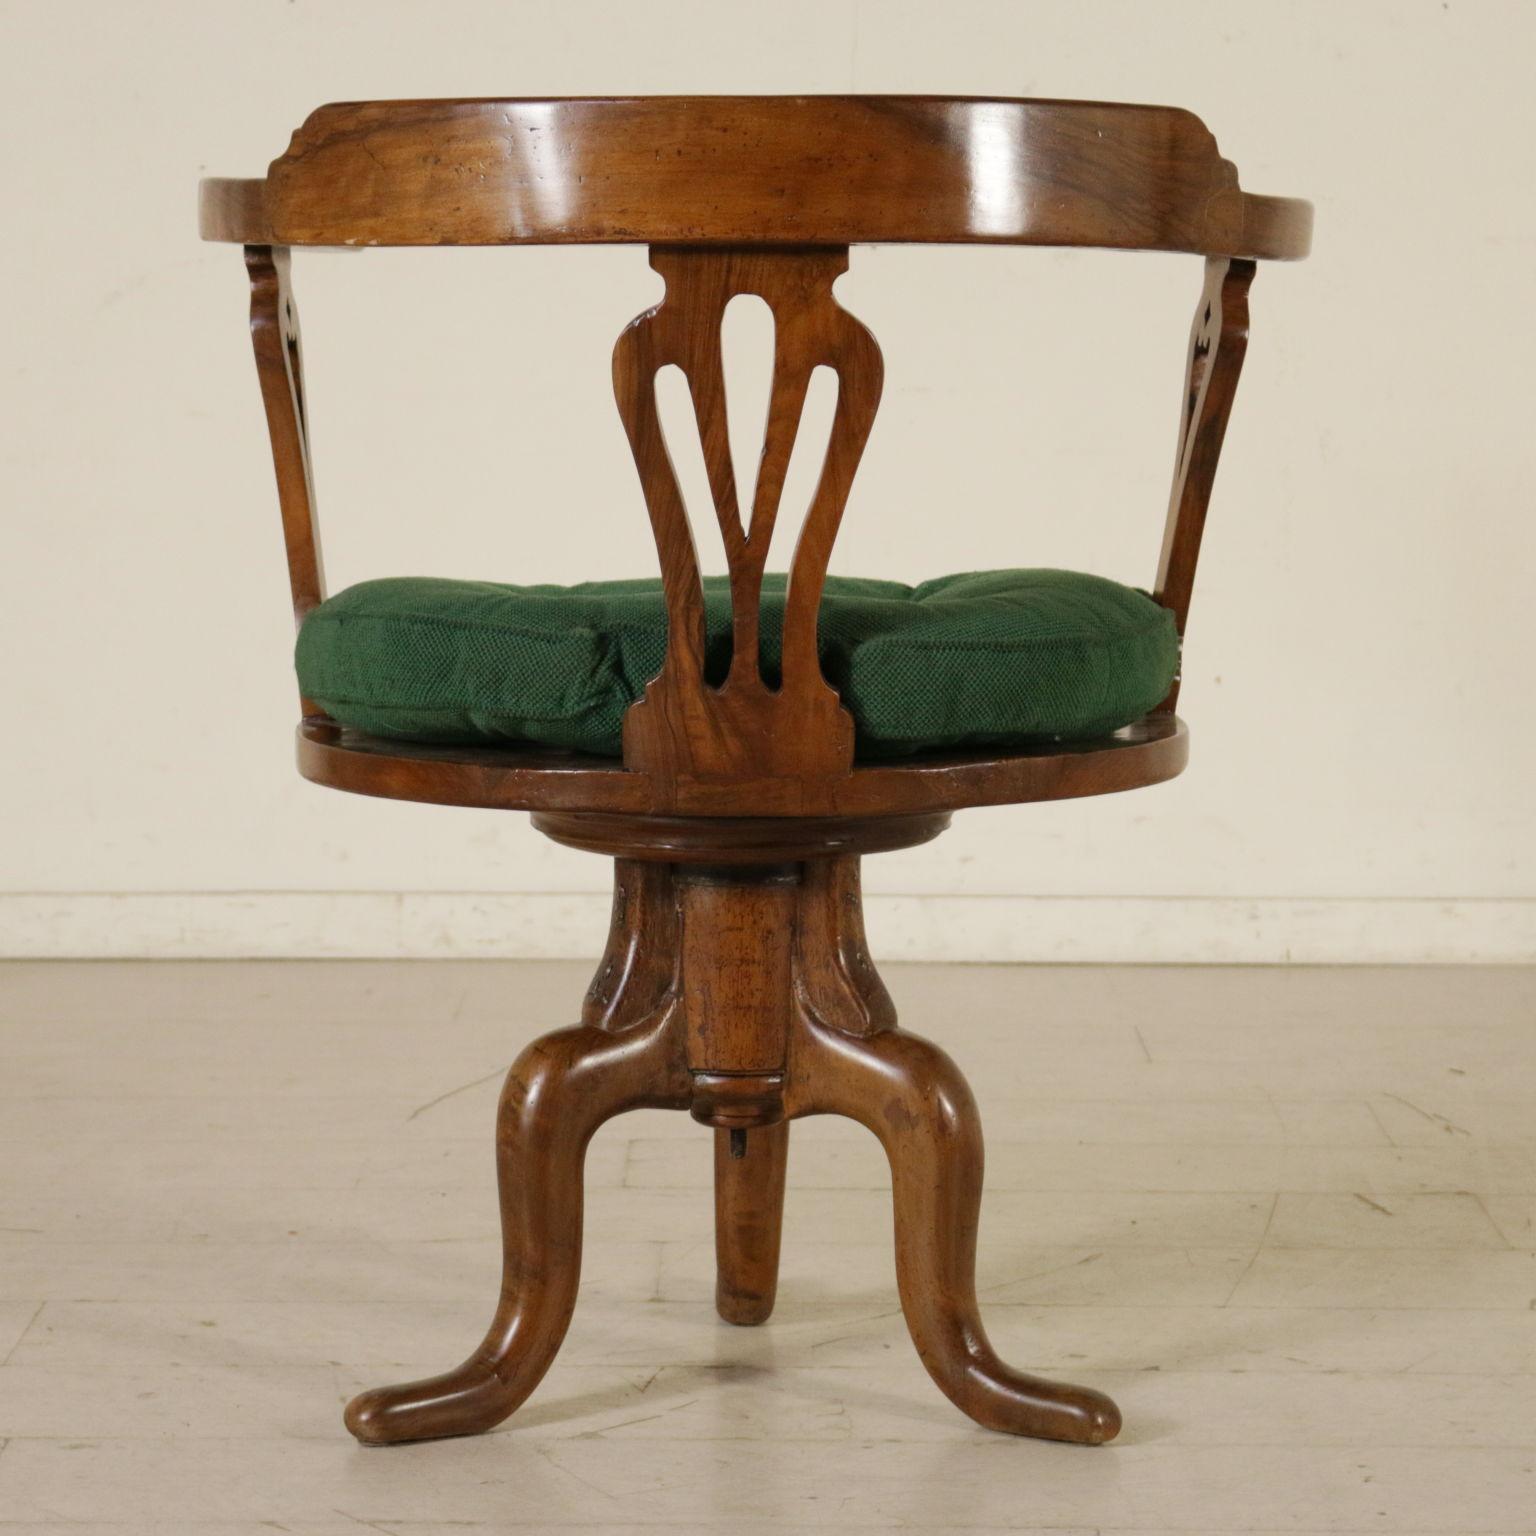 Sedia girevole sedie poltrone divani antiquariato for Sedia girevole